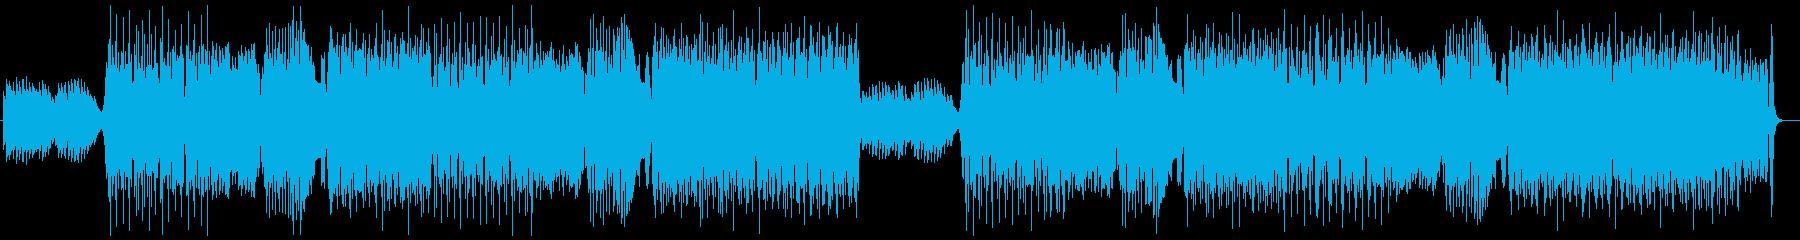 ハロウィン・軽快・コミカル・元気・ハウスの再生済みの波形